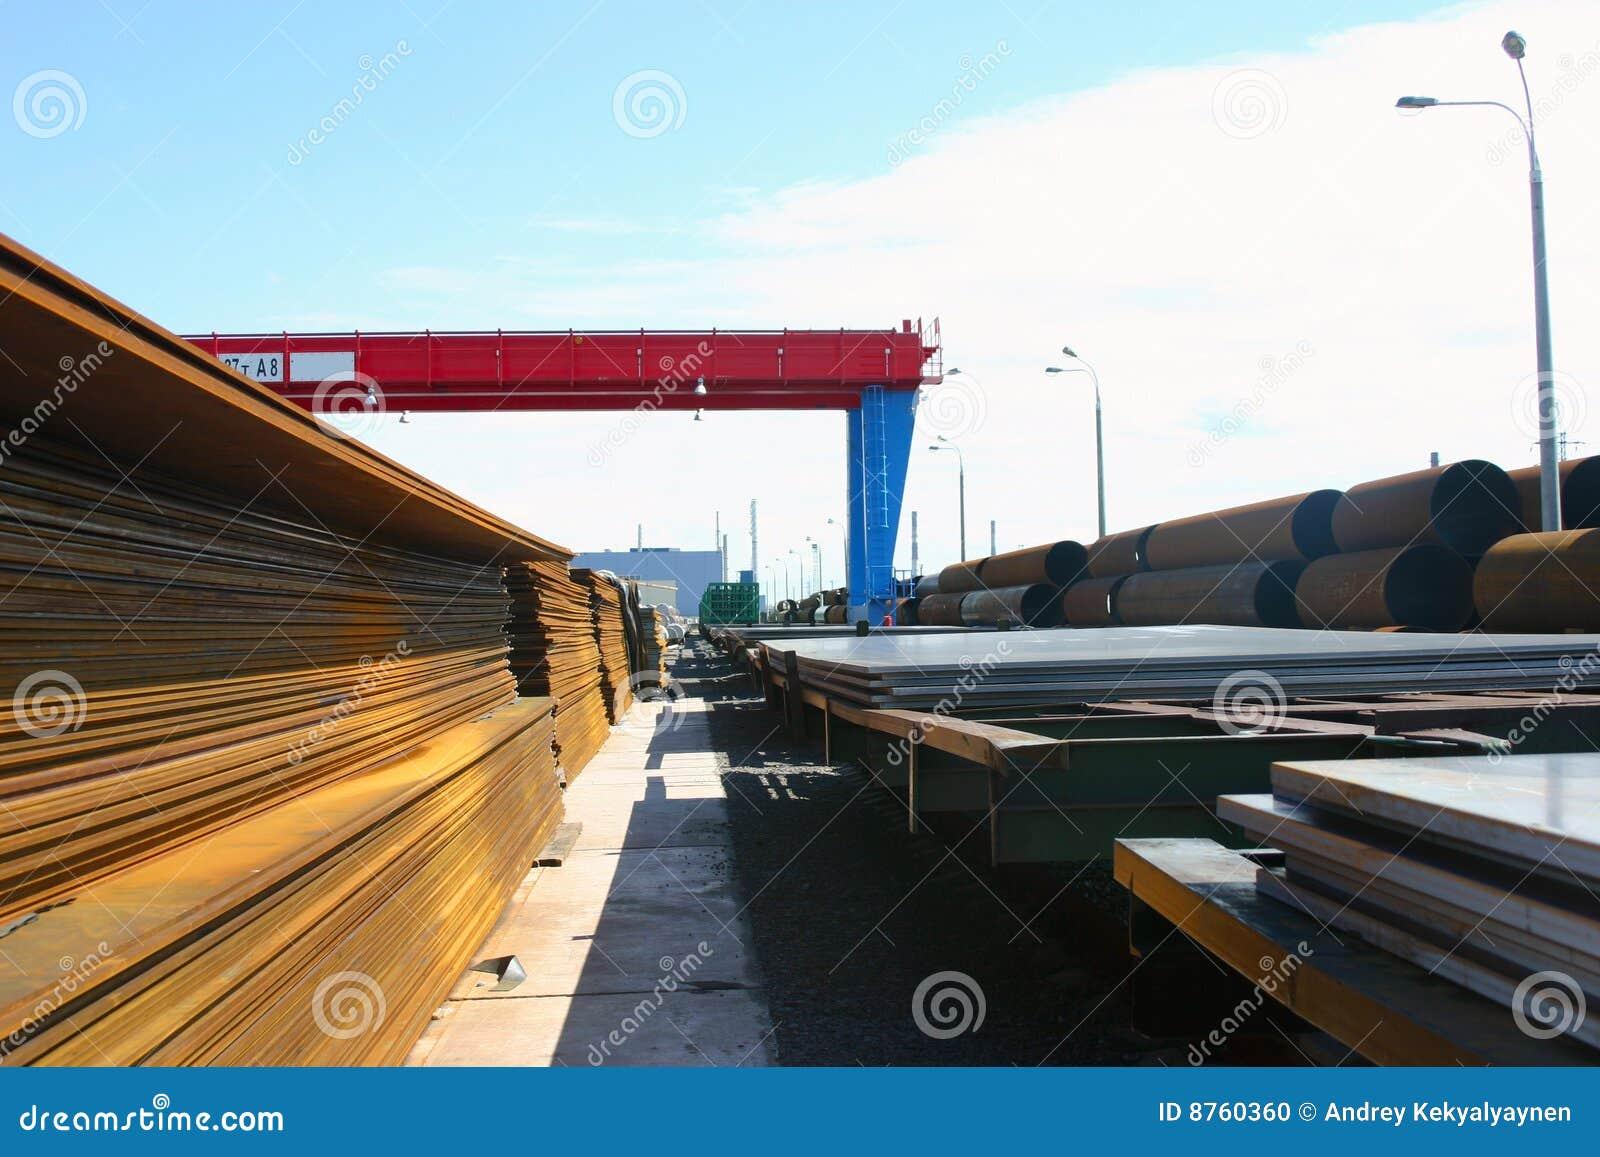 För rørprodukter för område färdigt stål för ark